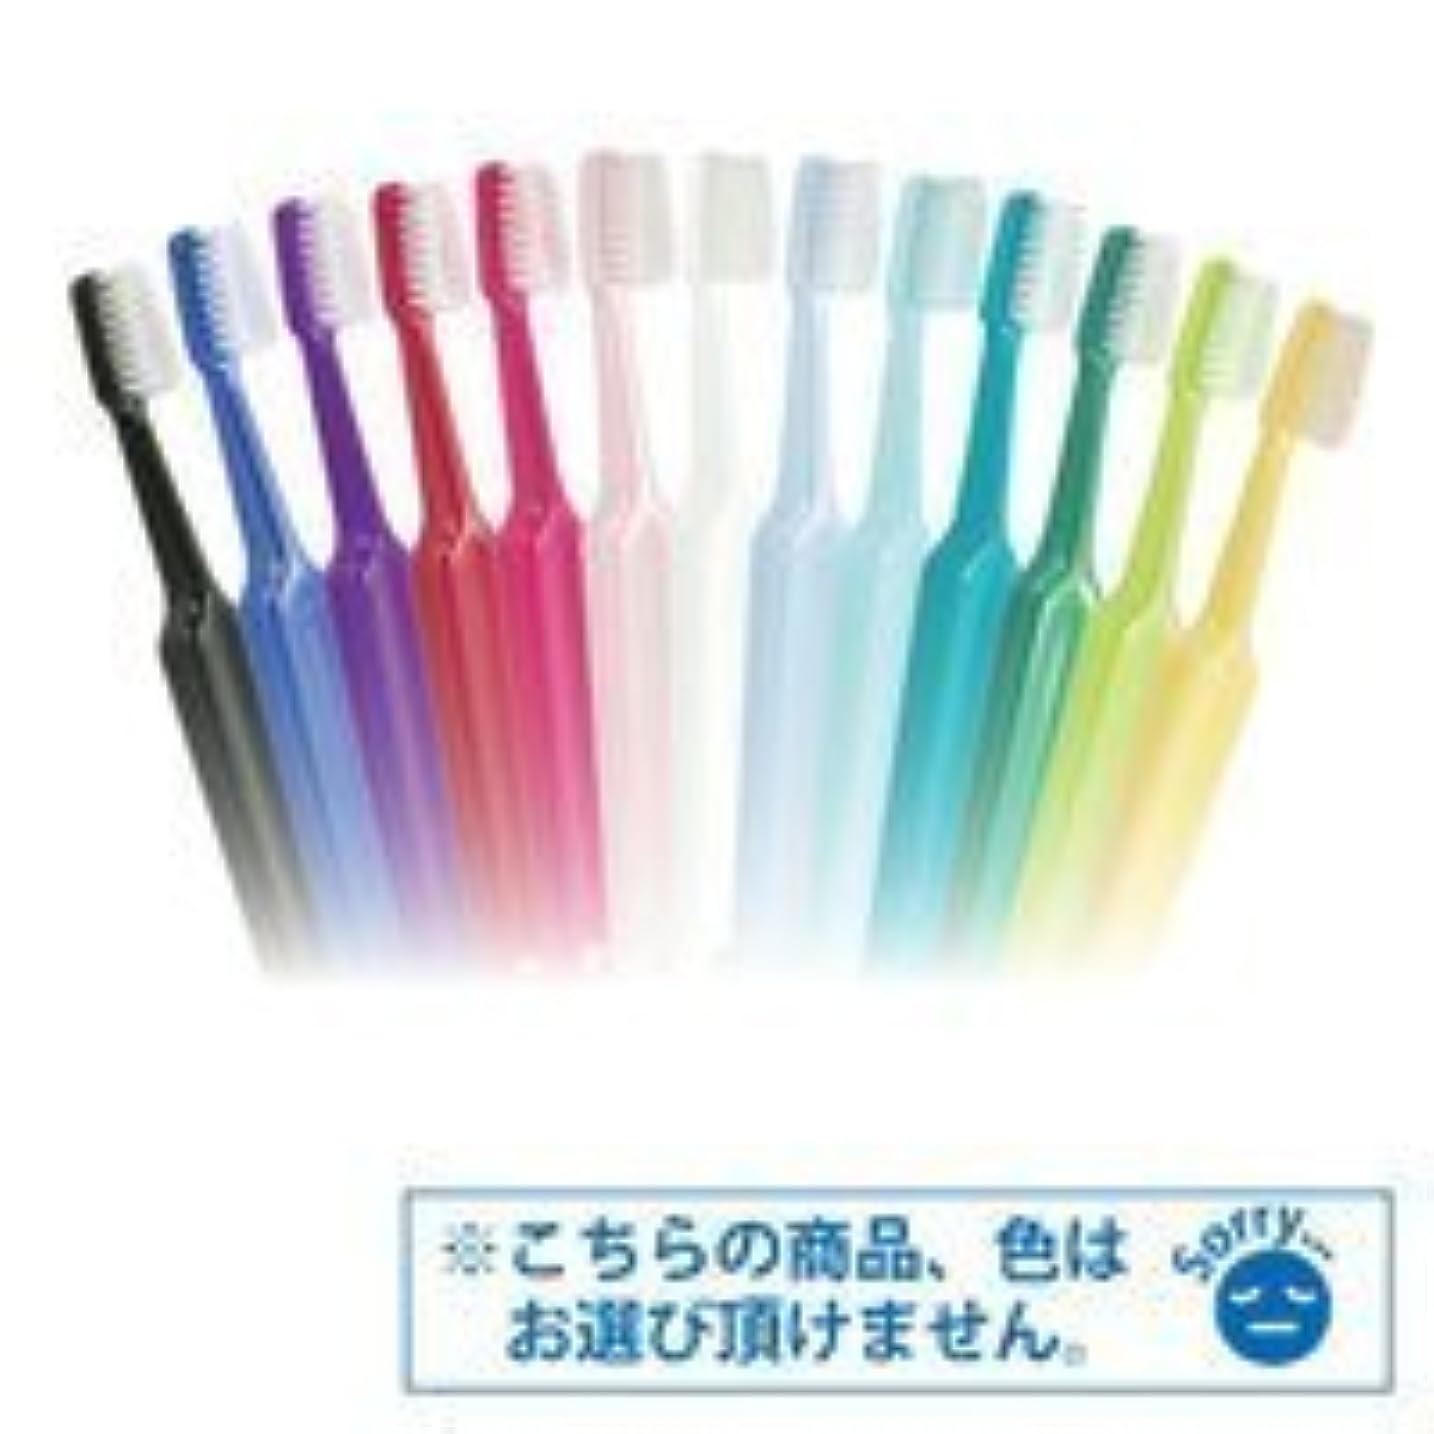 資格情報伸ばすカメラTepe歯ブラシ セレクトコンパクト/エクストラソフト 25本/箱